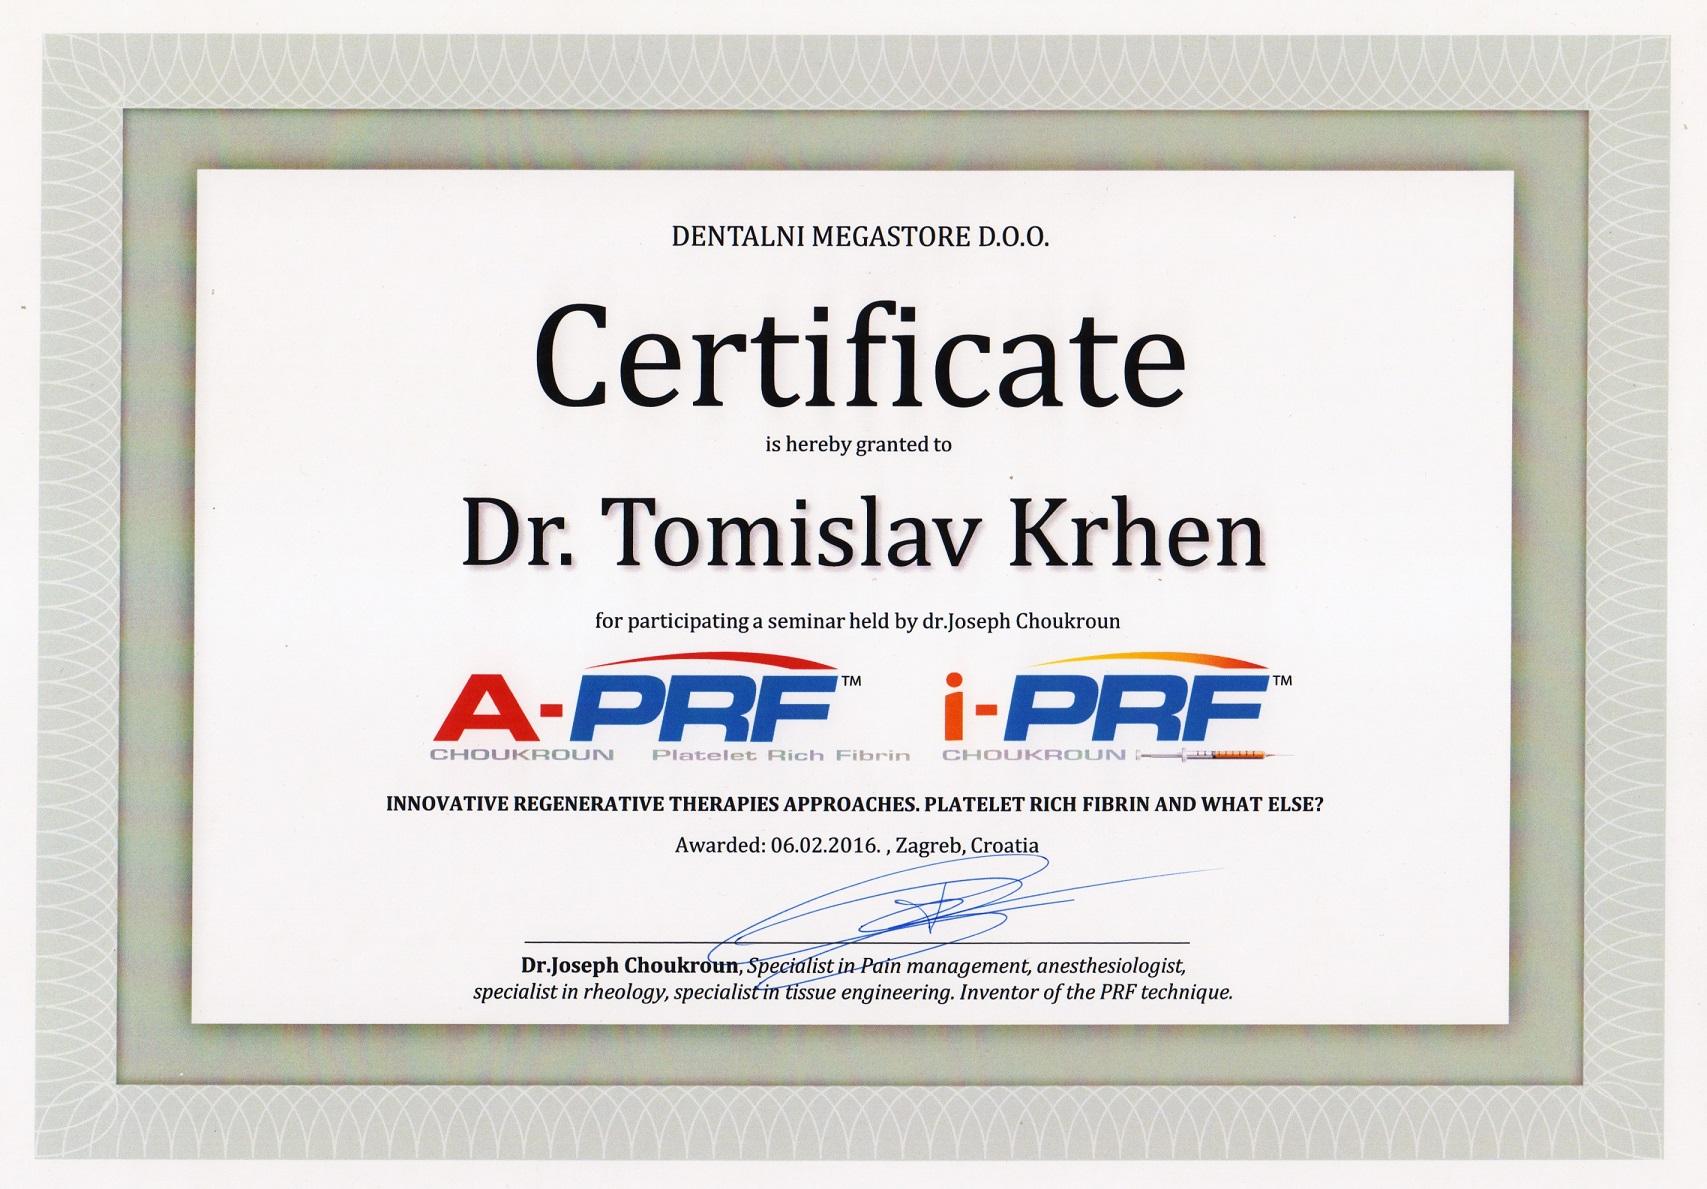 PRF u implantologiji 2016